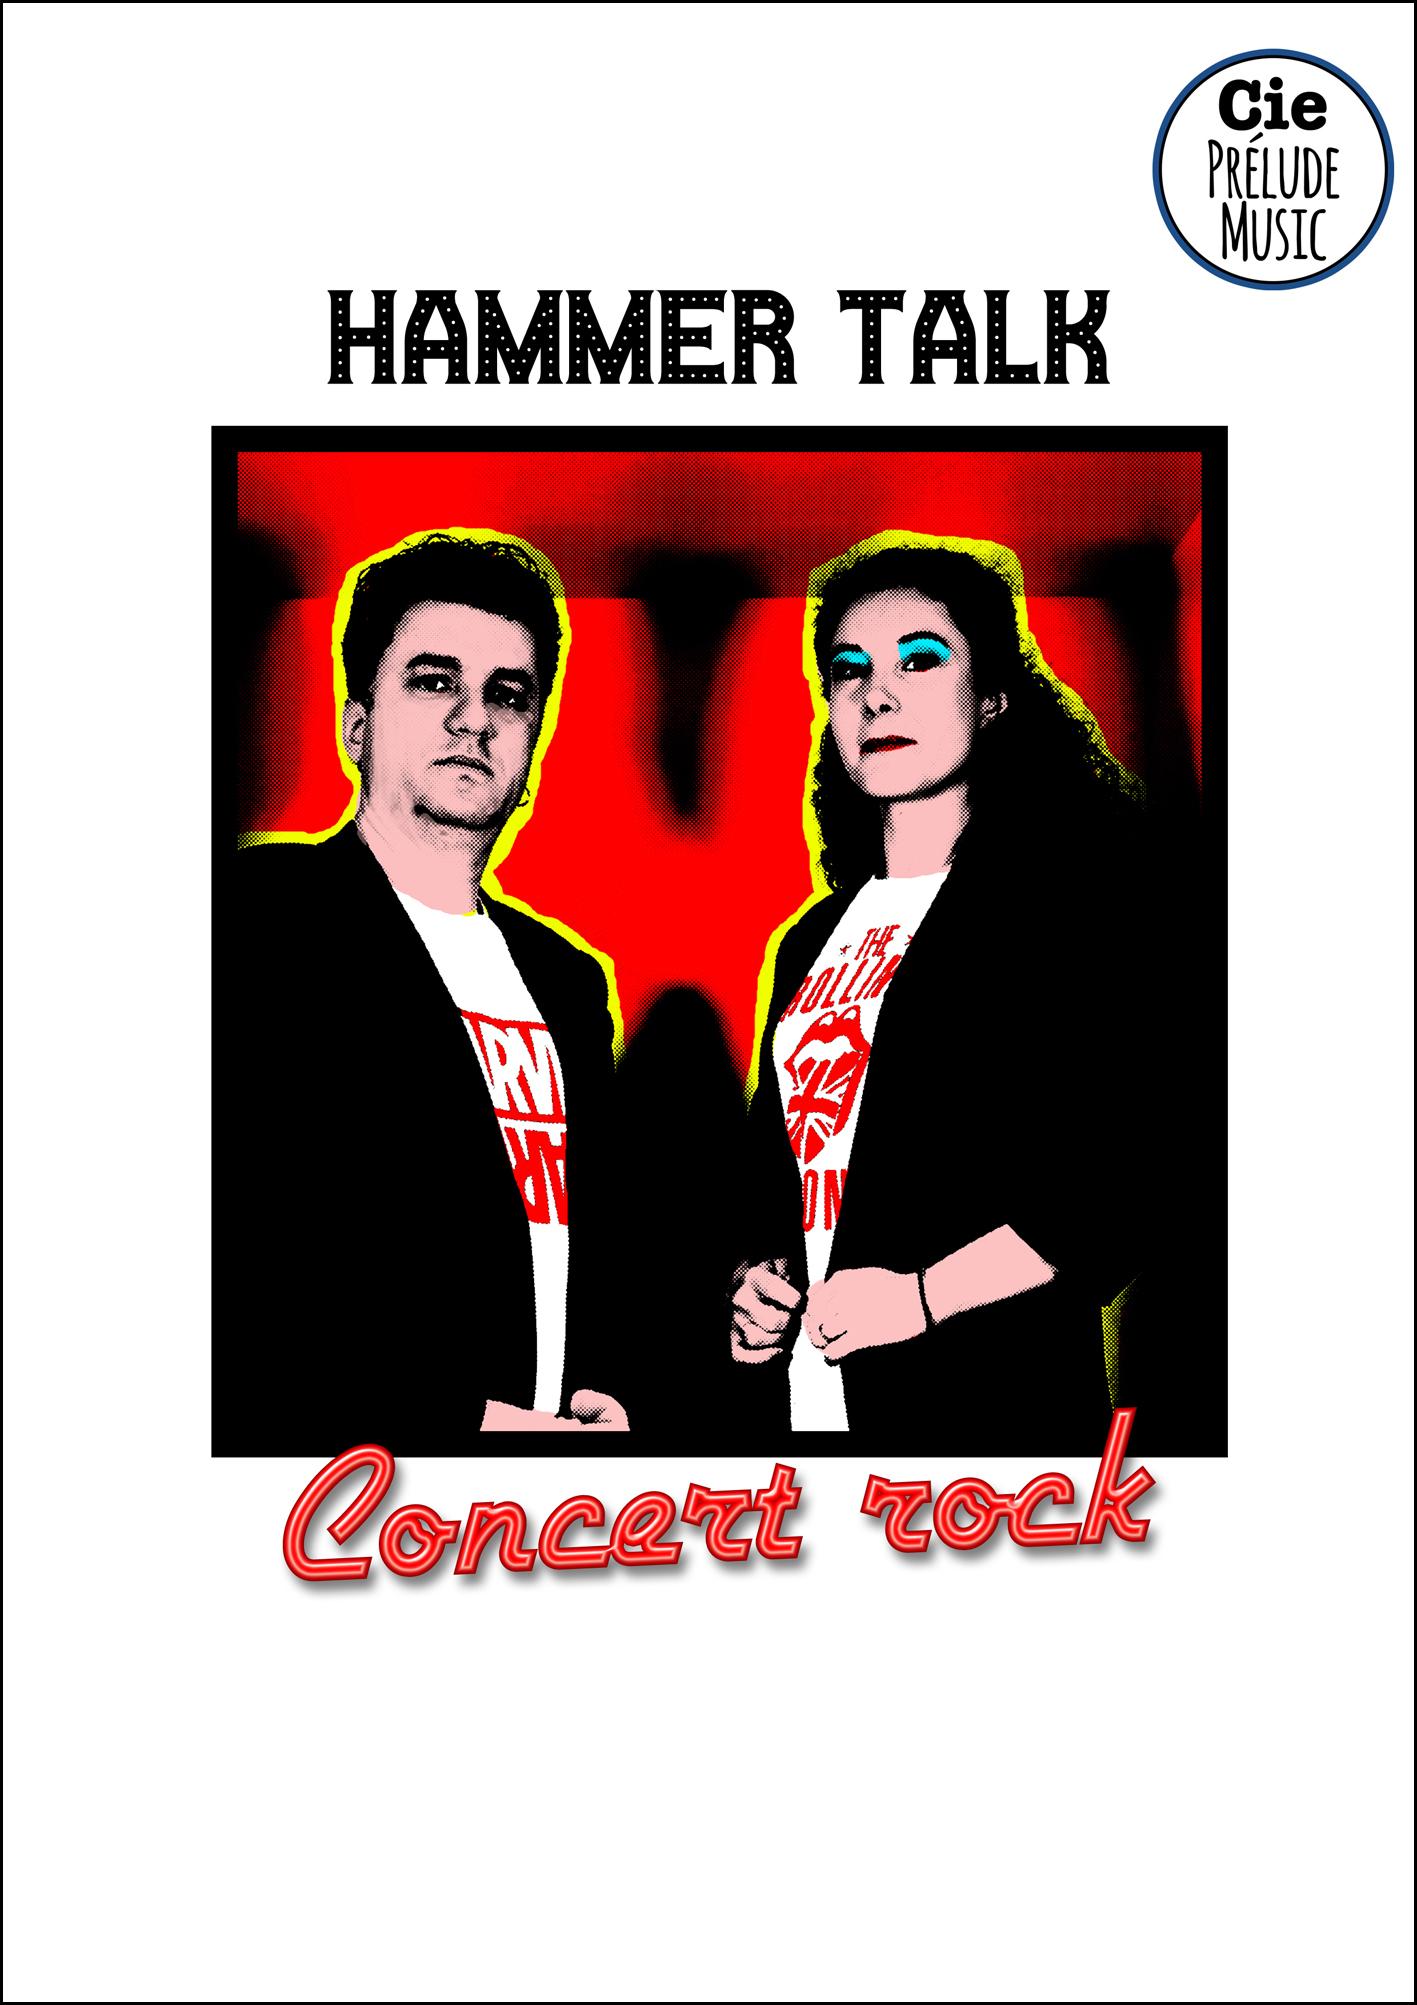 Hammer talk